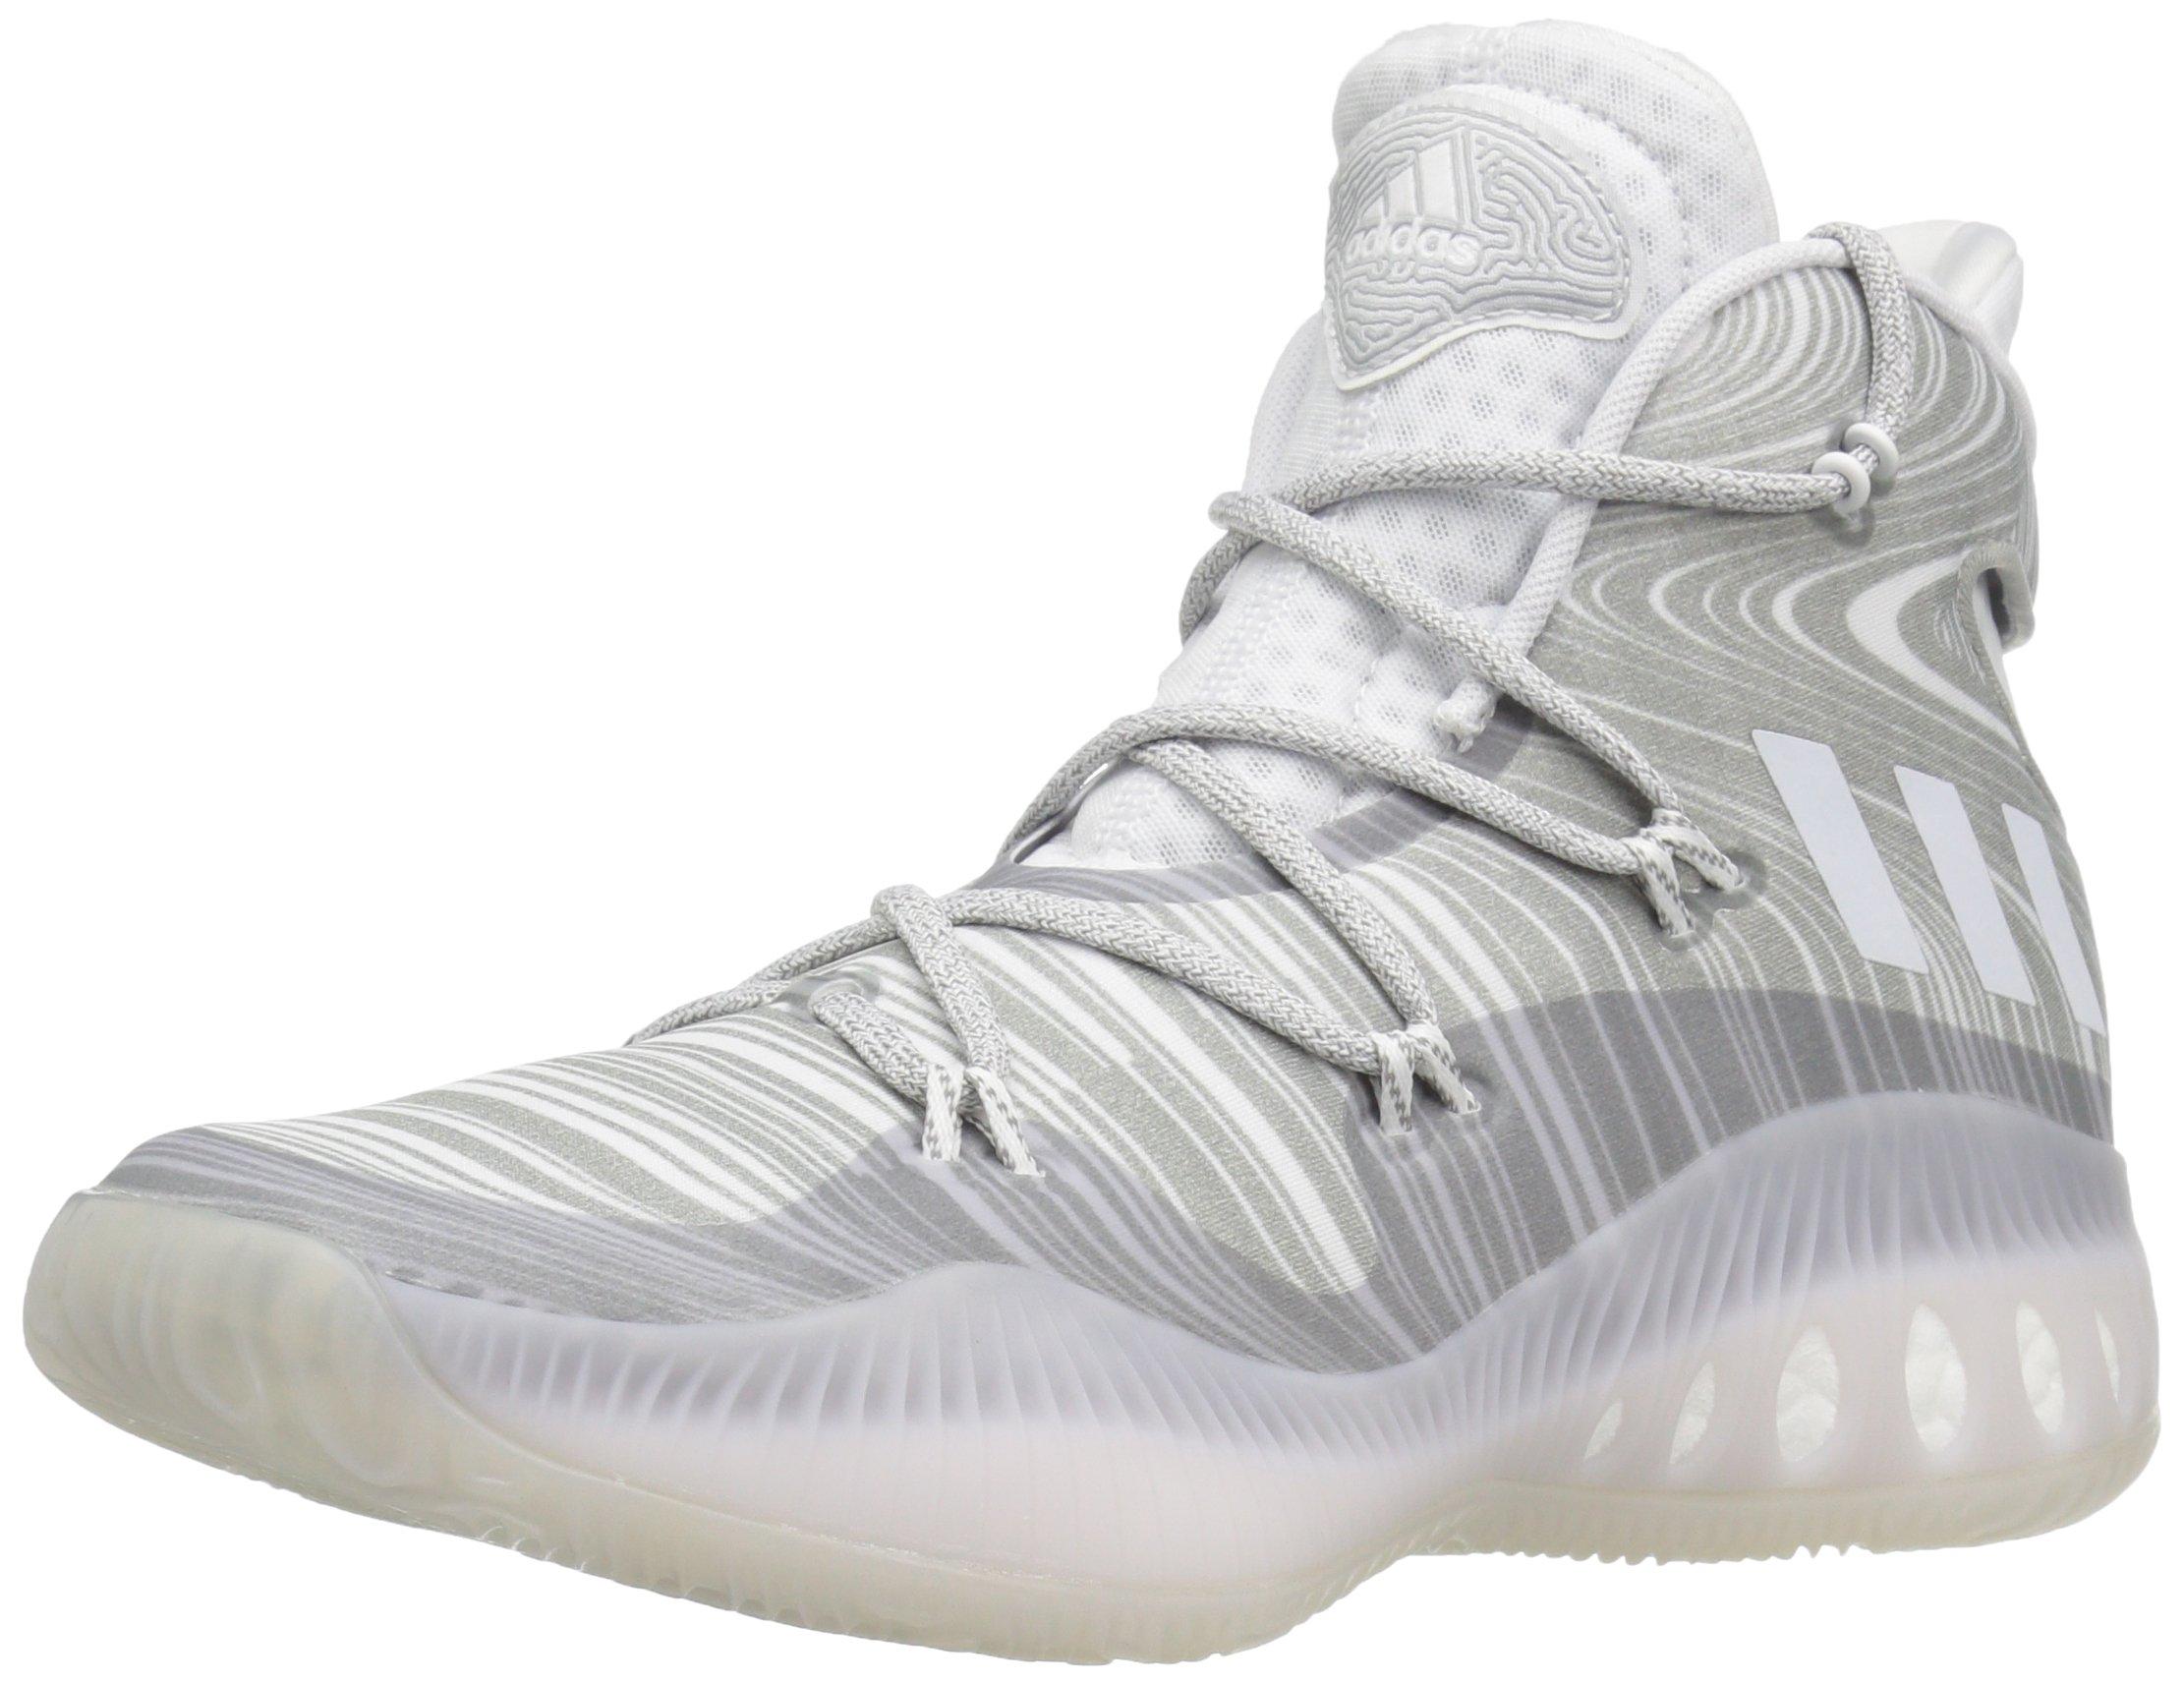 e4dfc9dc326 Galleon - Adidas Men s Crazy Explosive Basketball Shoes